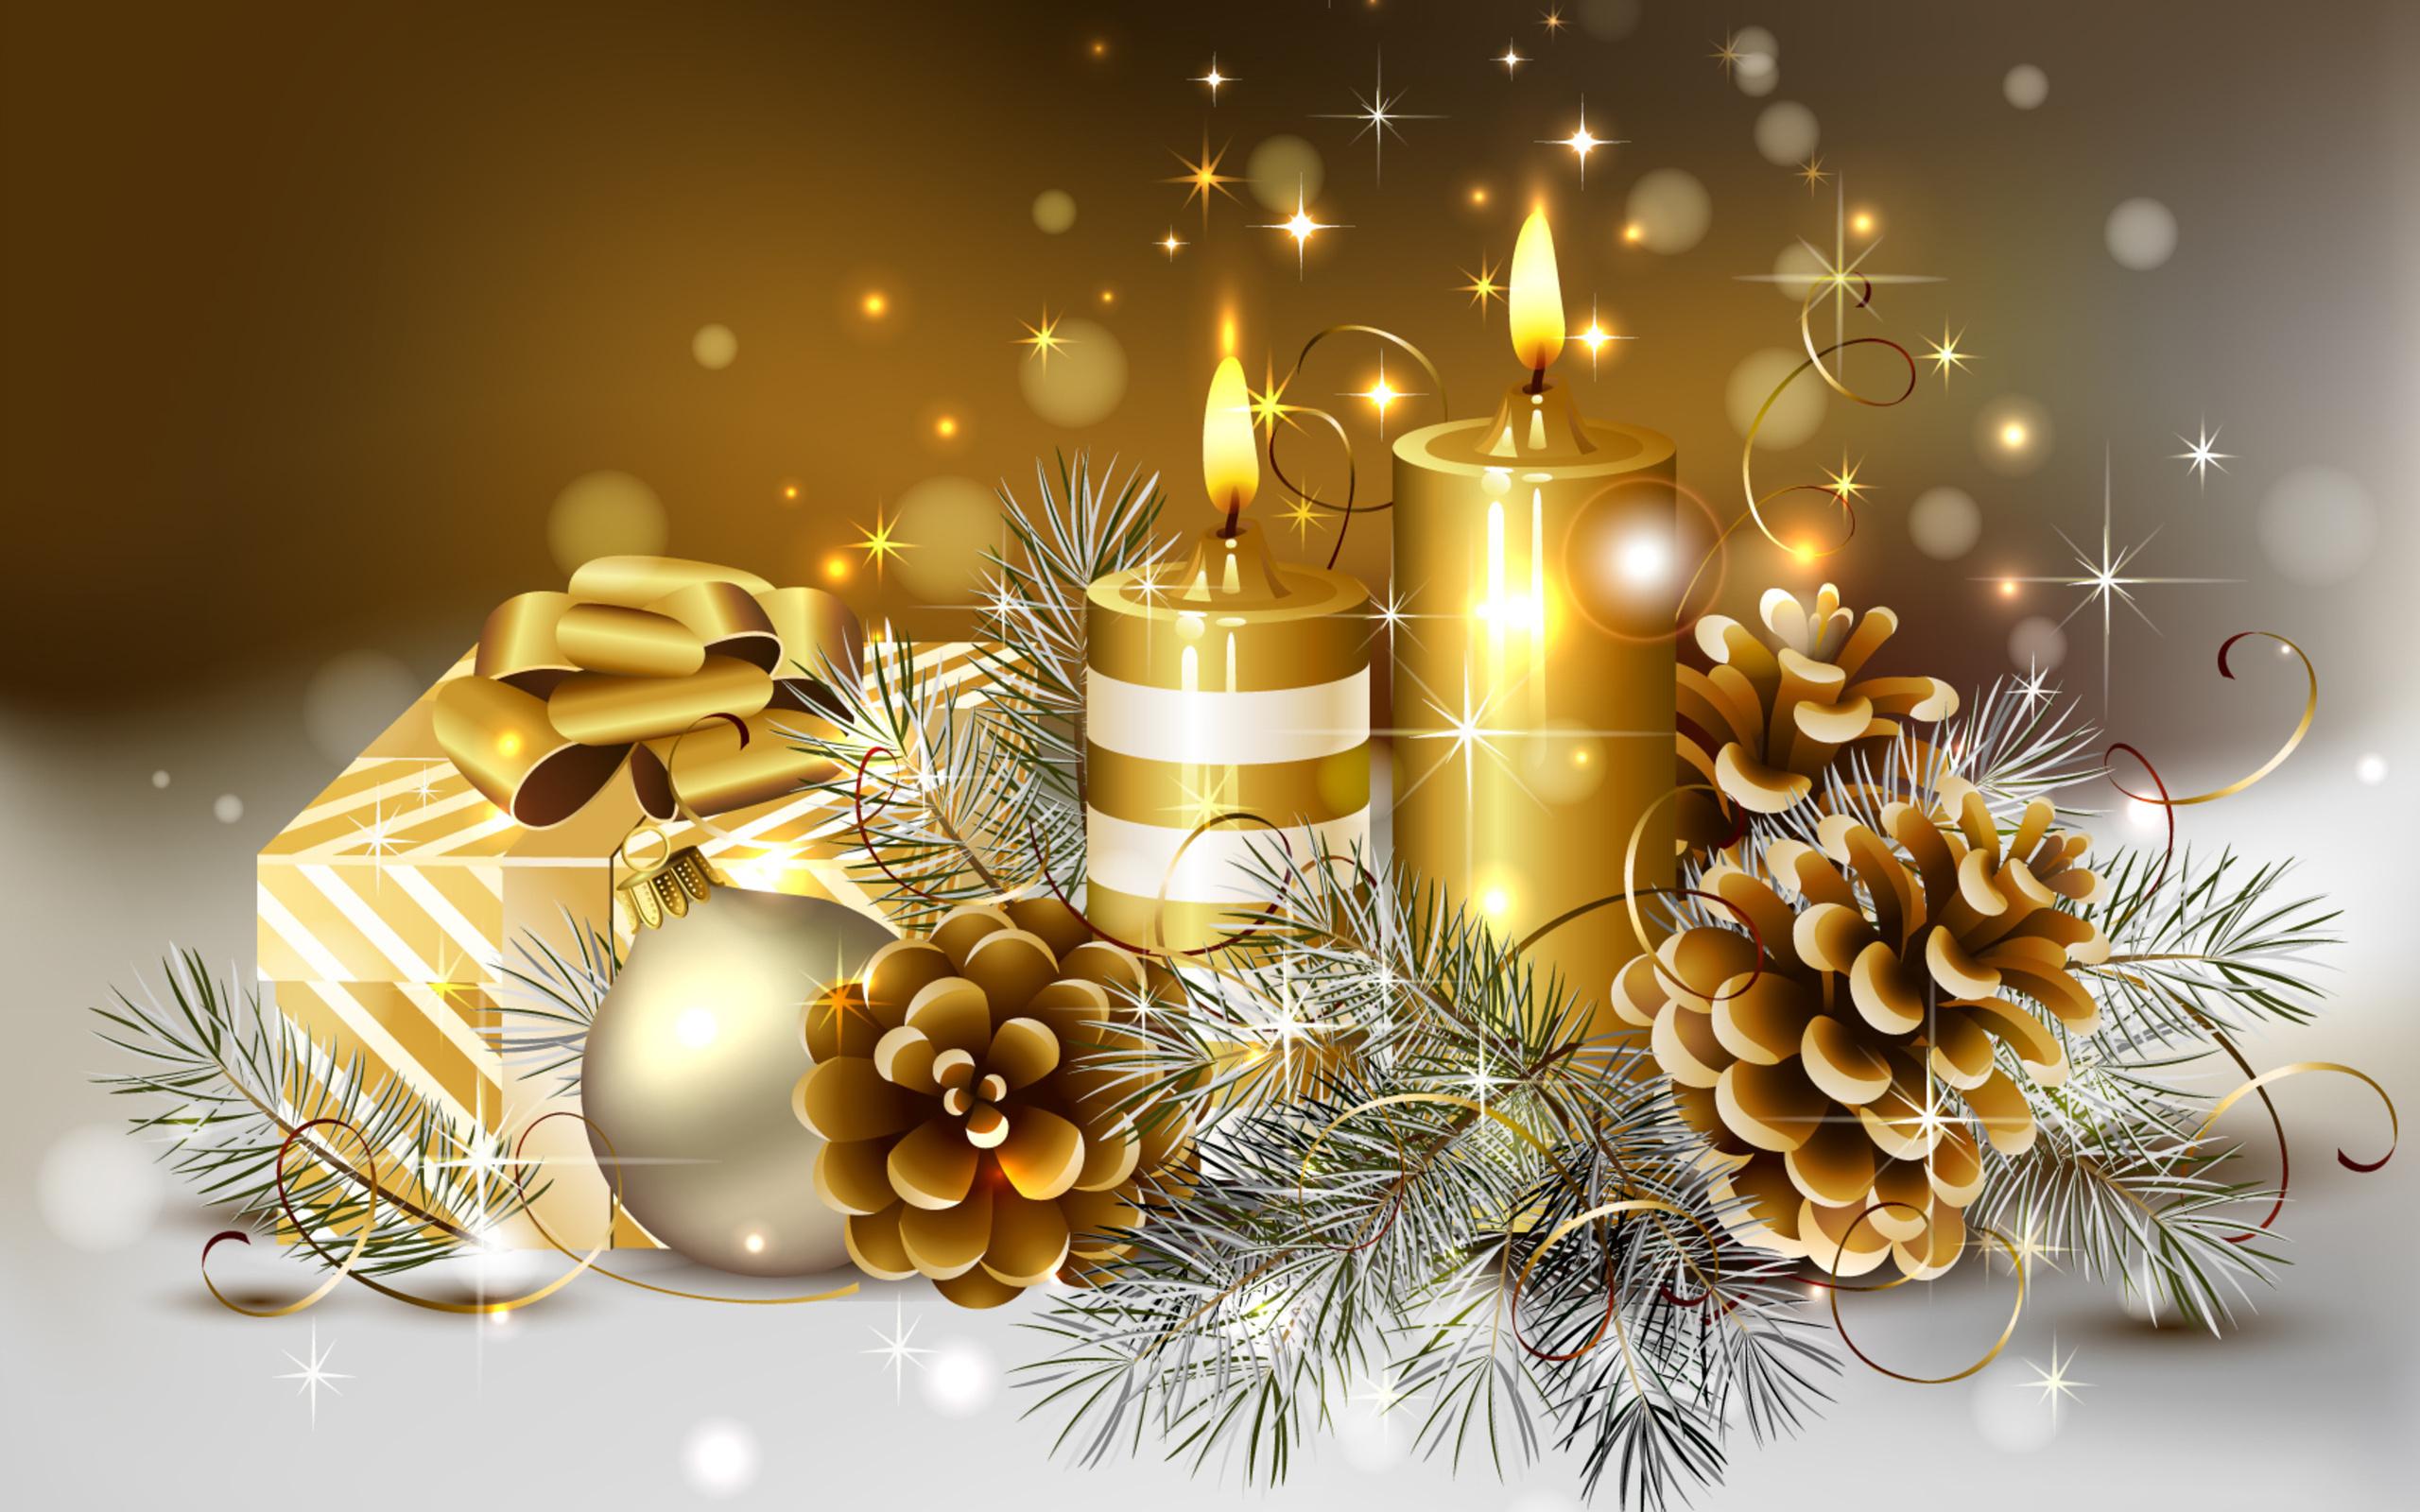 Красива новогодняя открытка